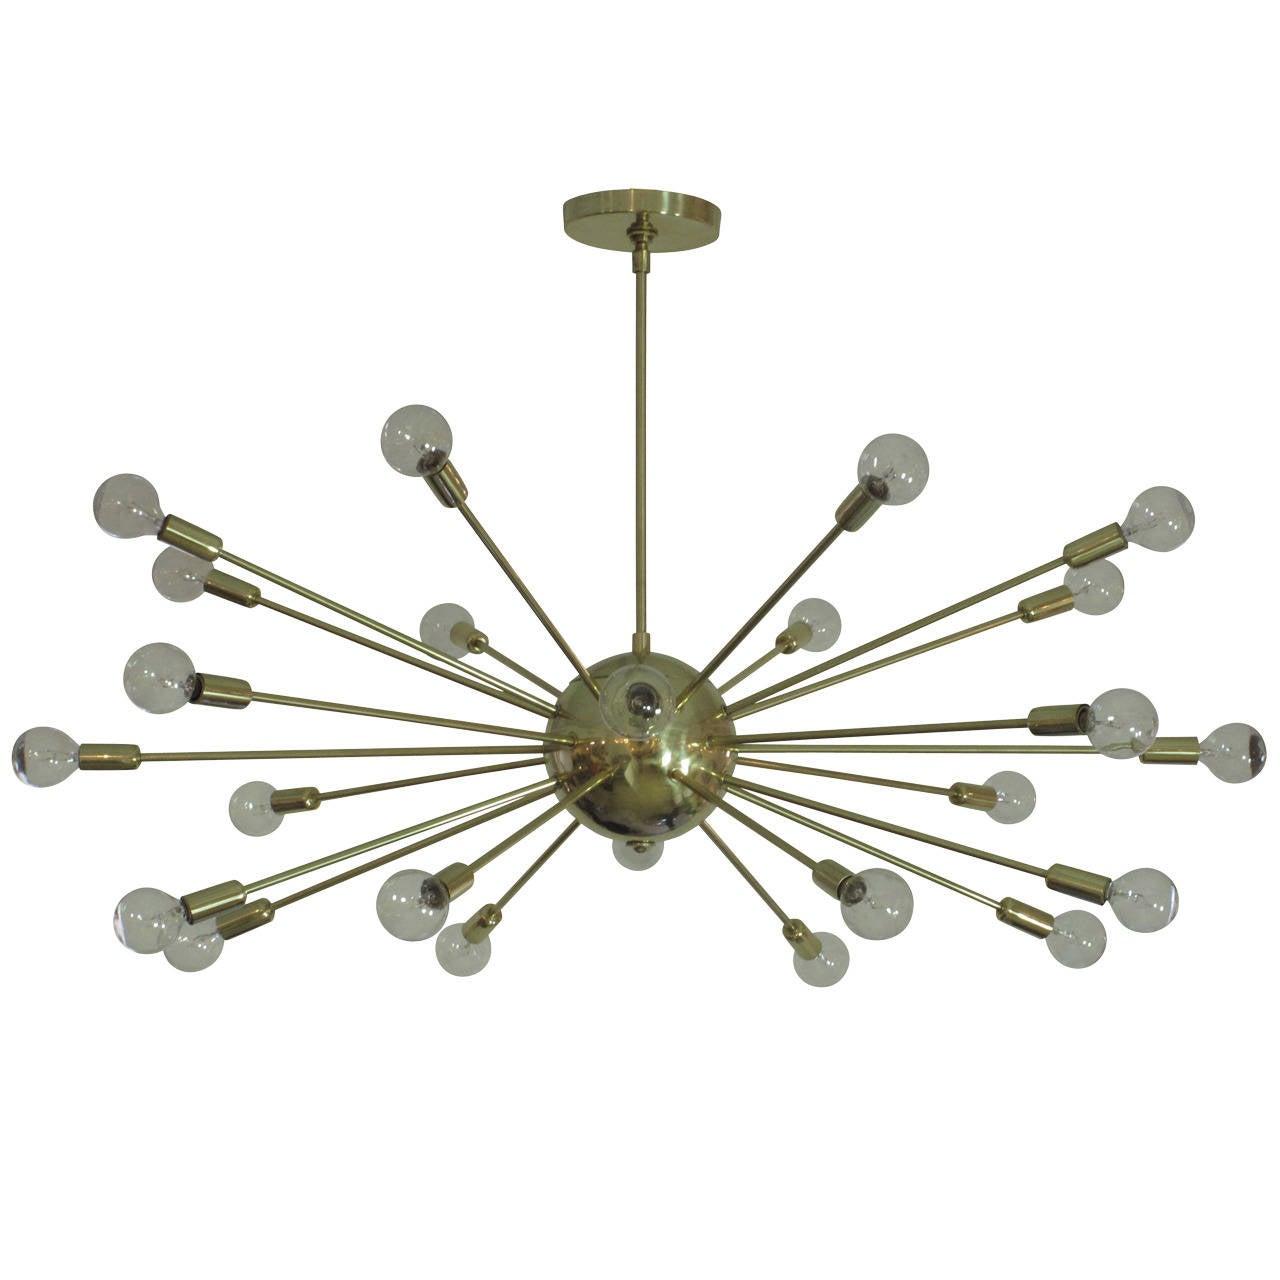 Sputnik Chandelier Brass Twenty-Four-Arm USA 1950's